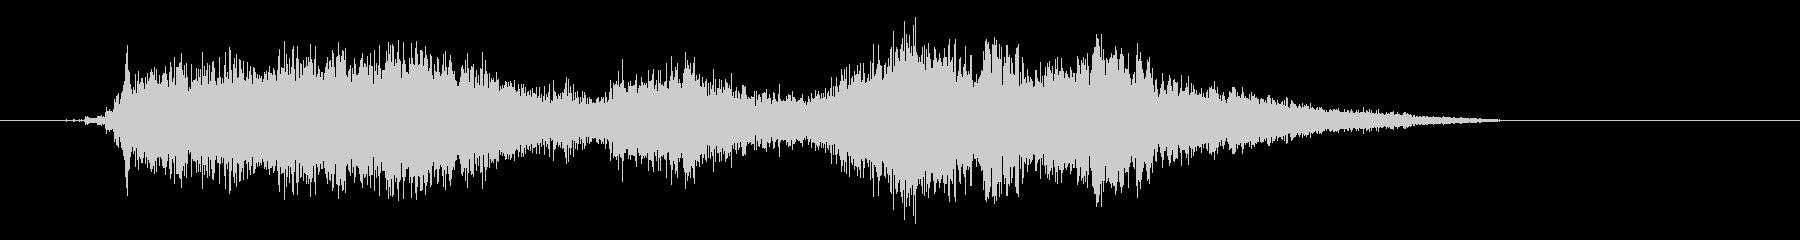 ドリルで木材に穴をあける音7の未再生の波形